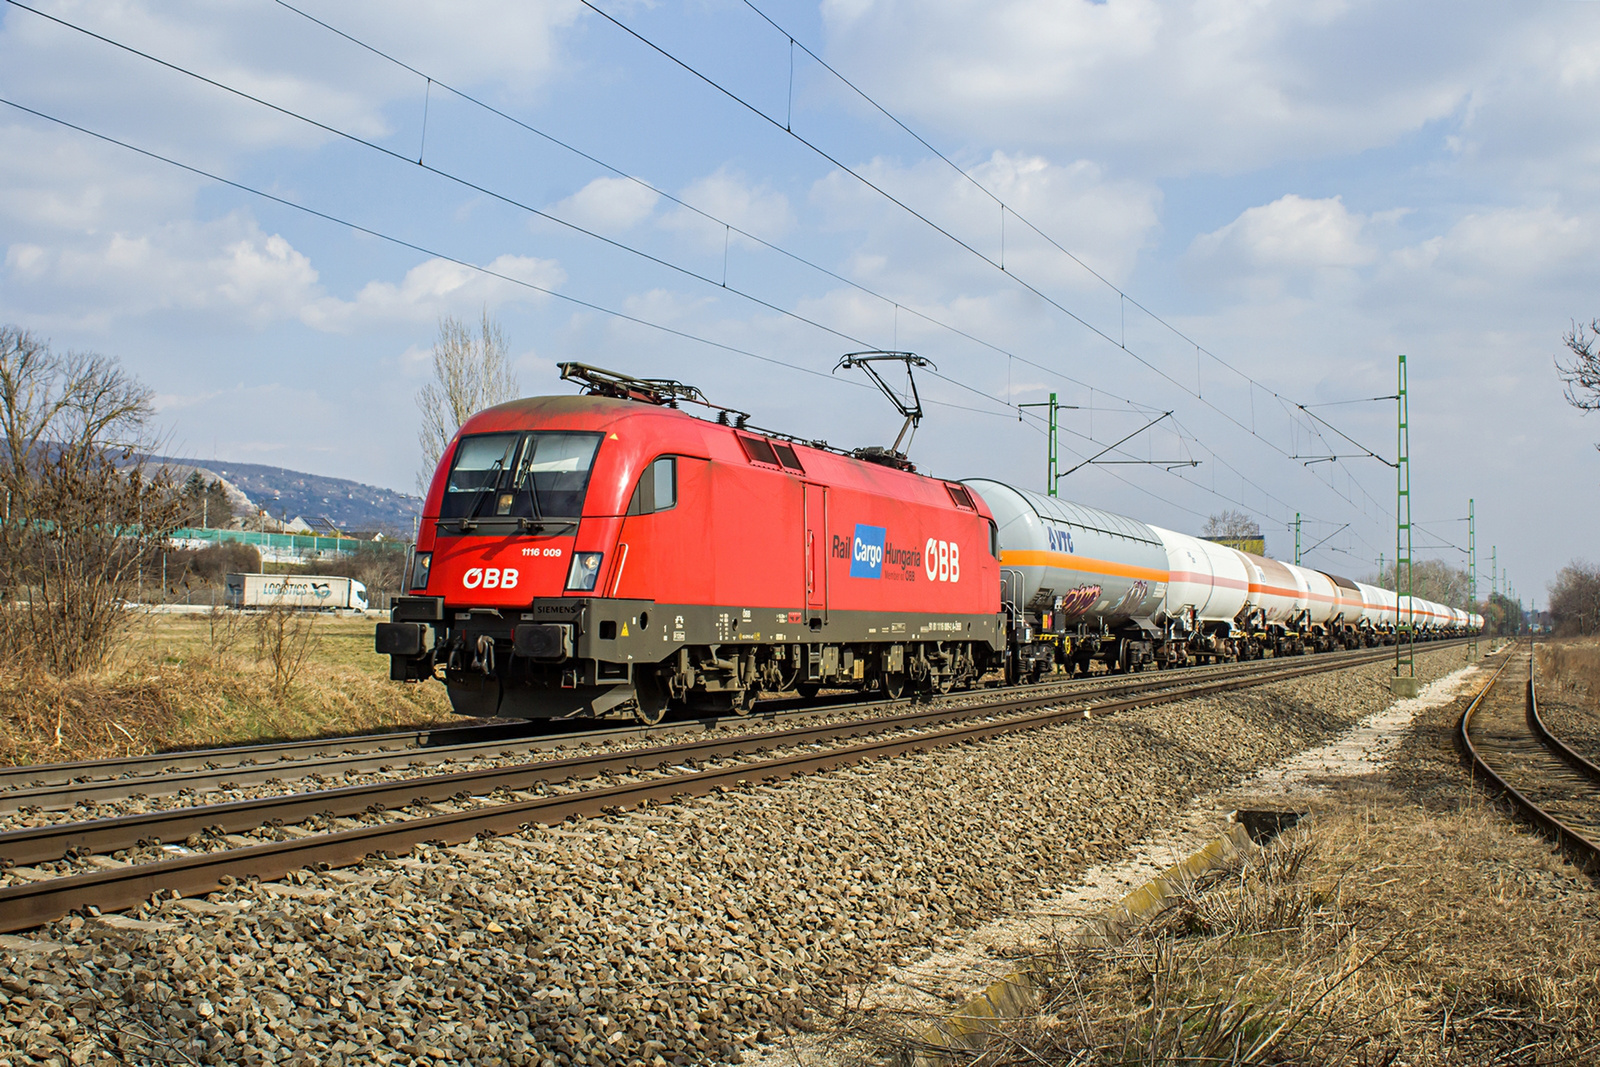 1116 009 Budaörs (2021.03.10).